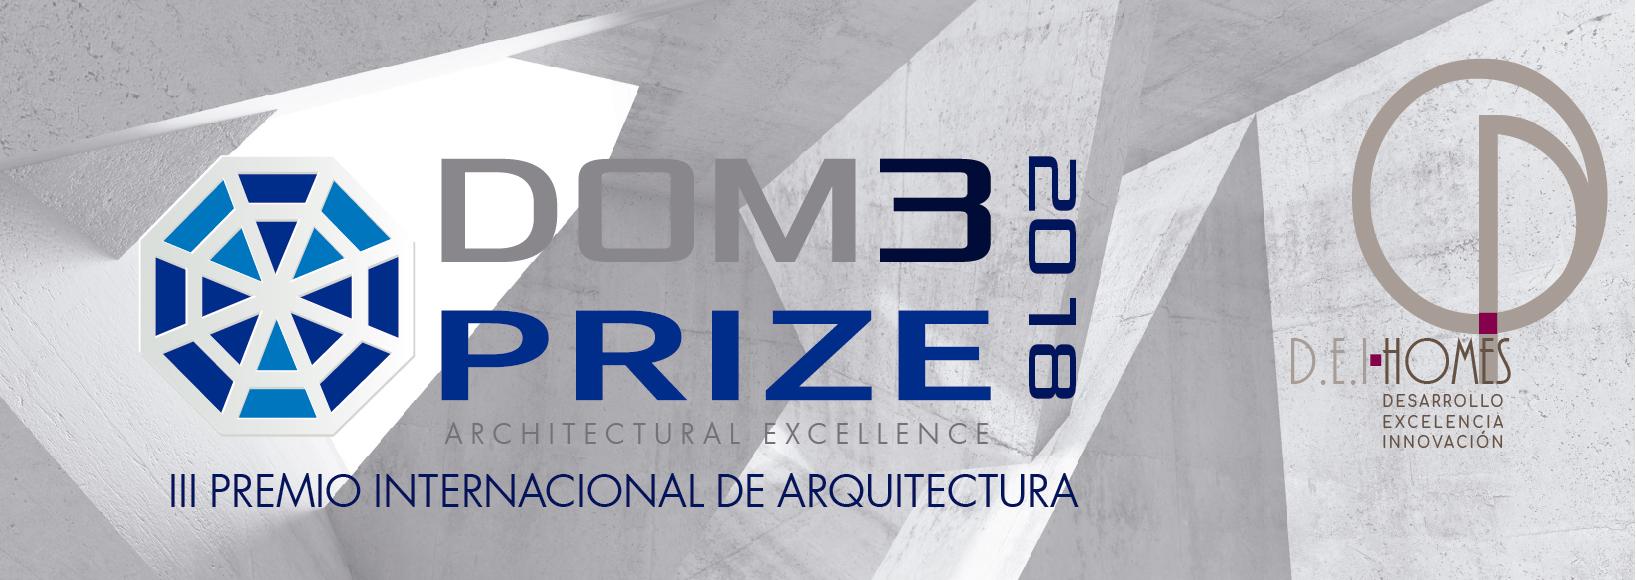 dom3-prize-2018